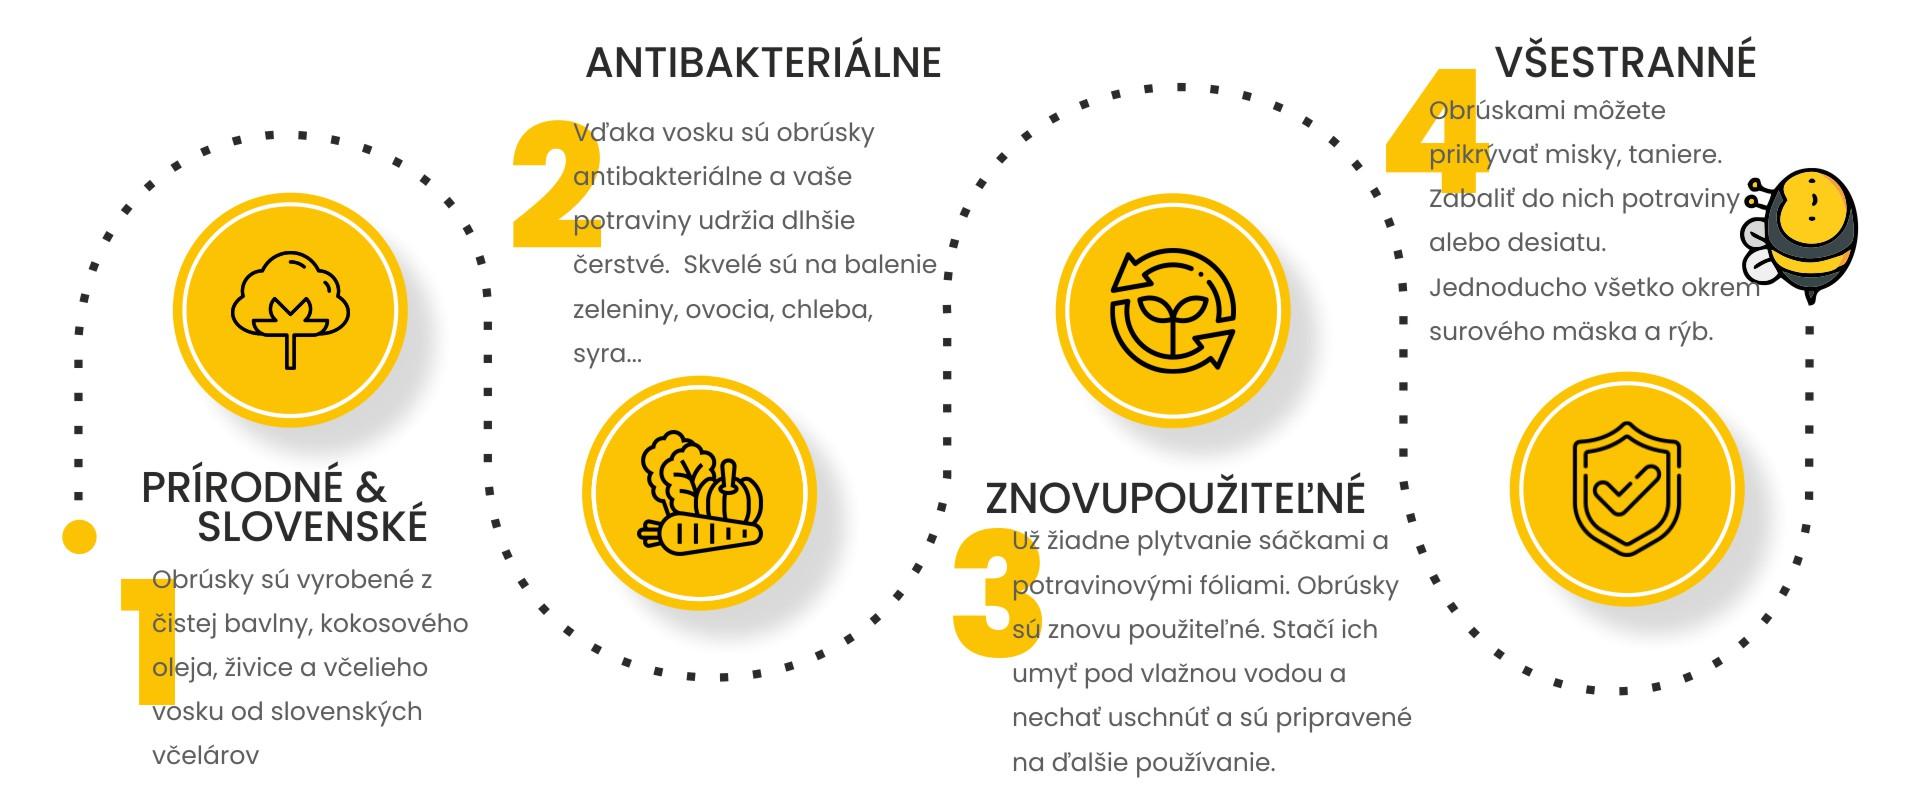 obrusky-infografika